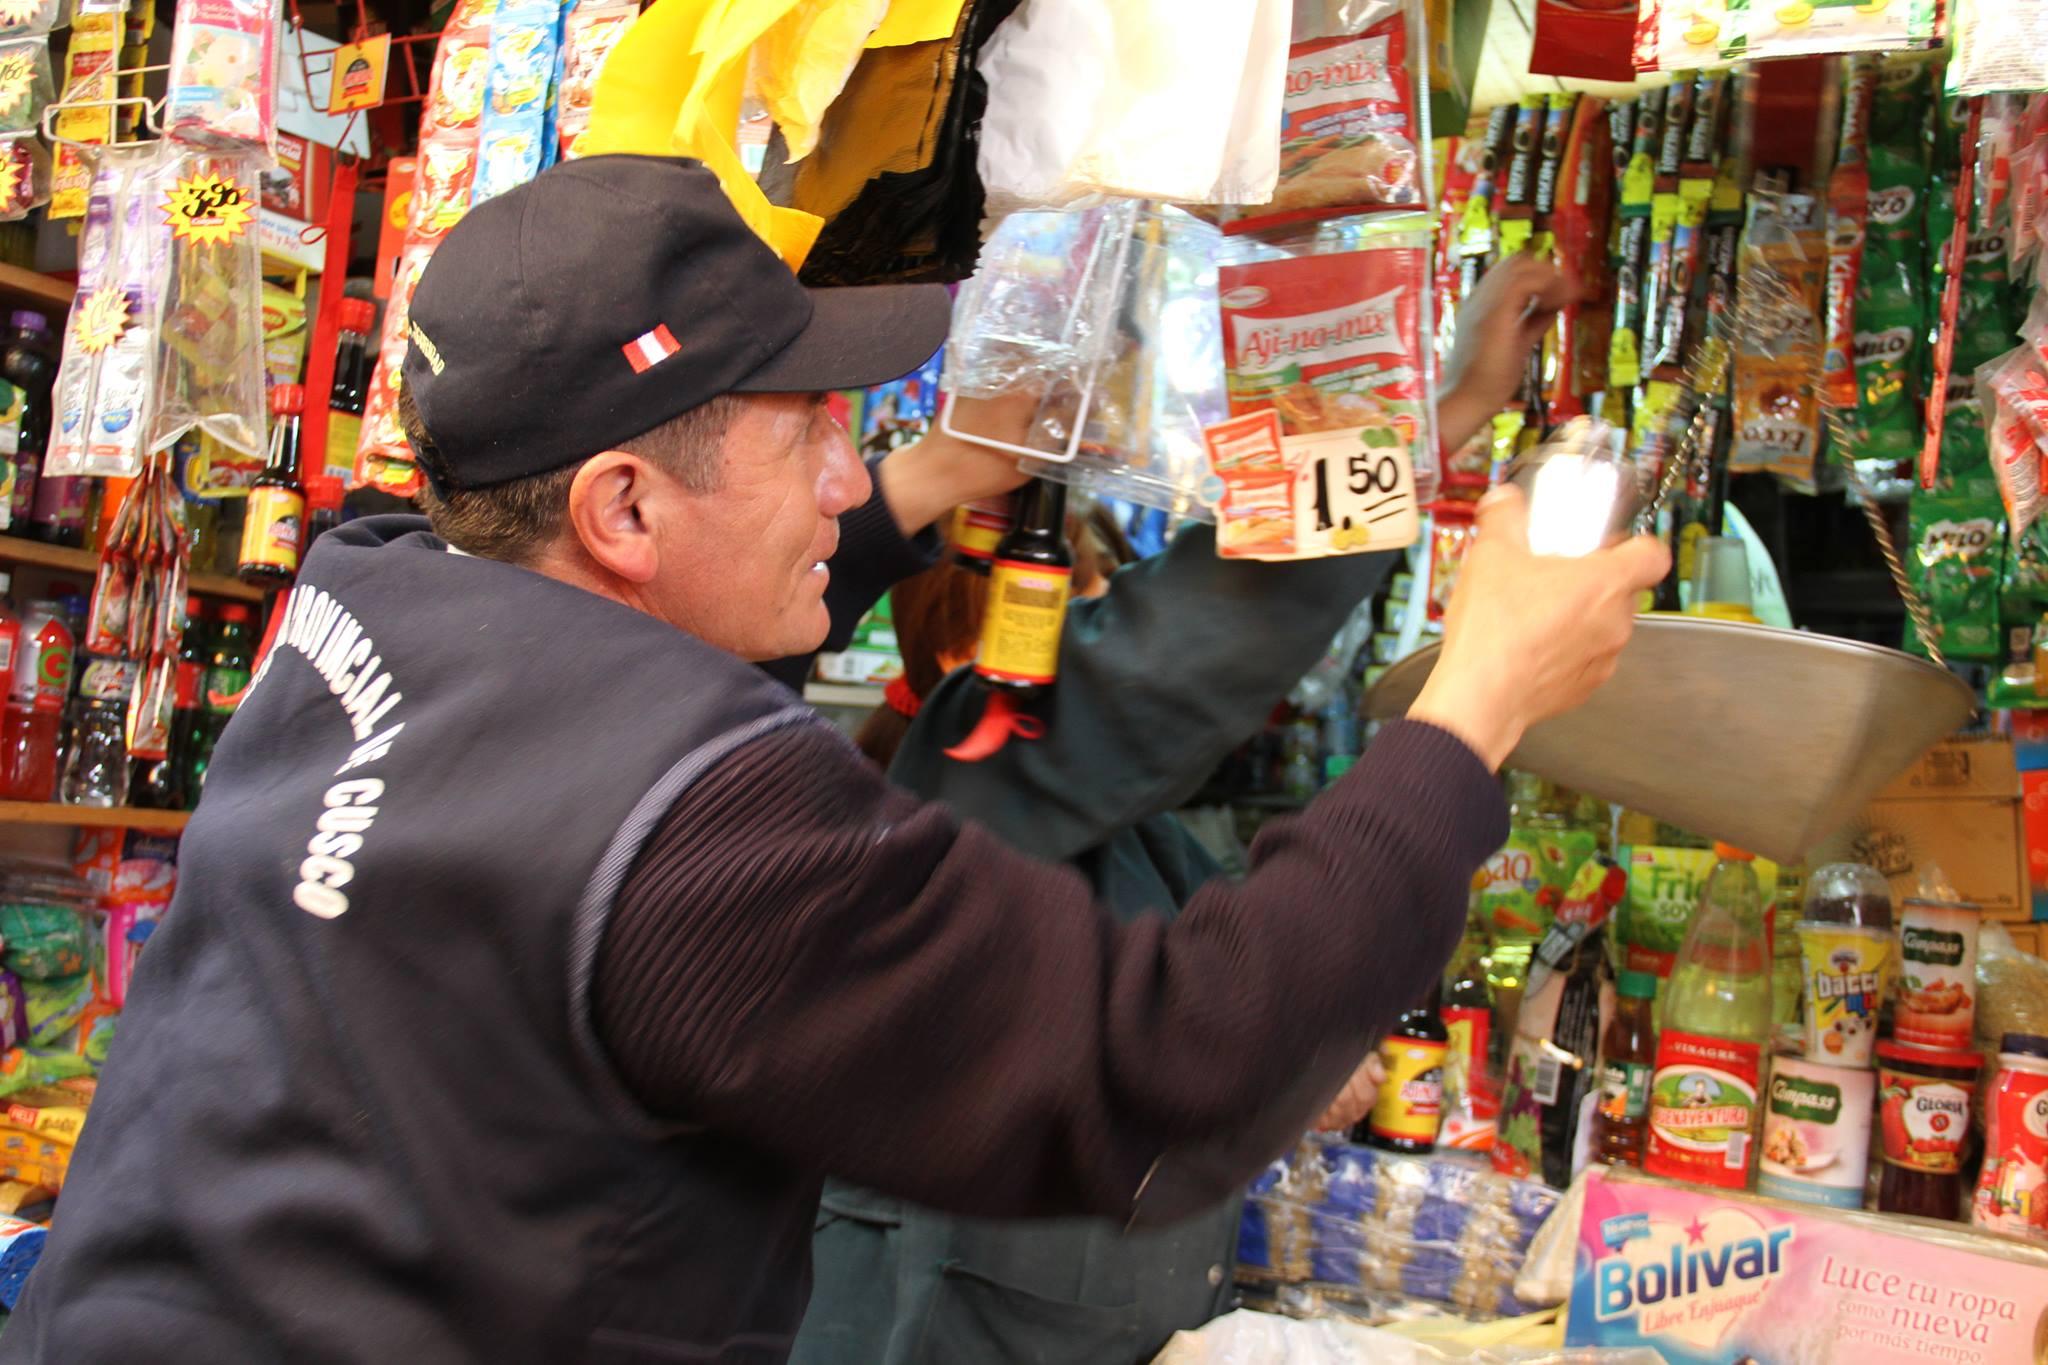 Acciones serán permanentes en estas fiestas de navidad y fin de año MUNICIPALIDAD DEL CUSCO INTENSIFICA OPERATIVOS DE CONTROL Y SALUBRID EN ESTABLECIMIENTOS COMERCIALES DEL CENTRO DE LA CIUDAD